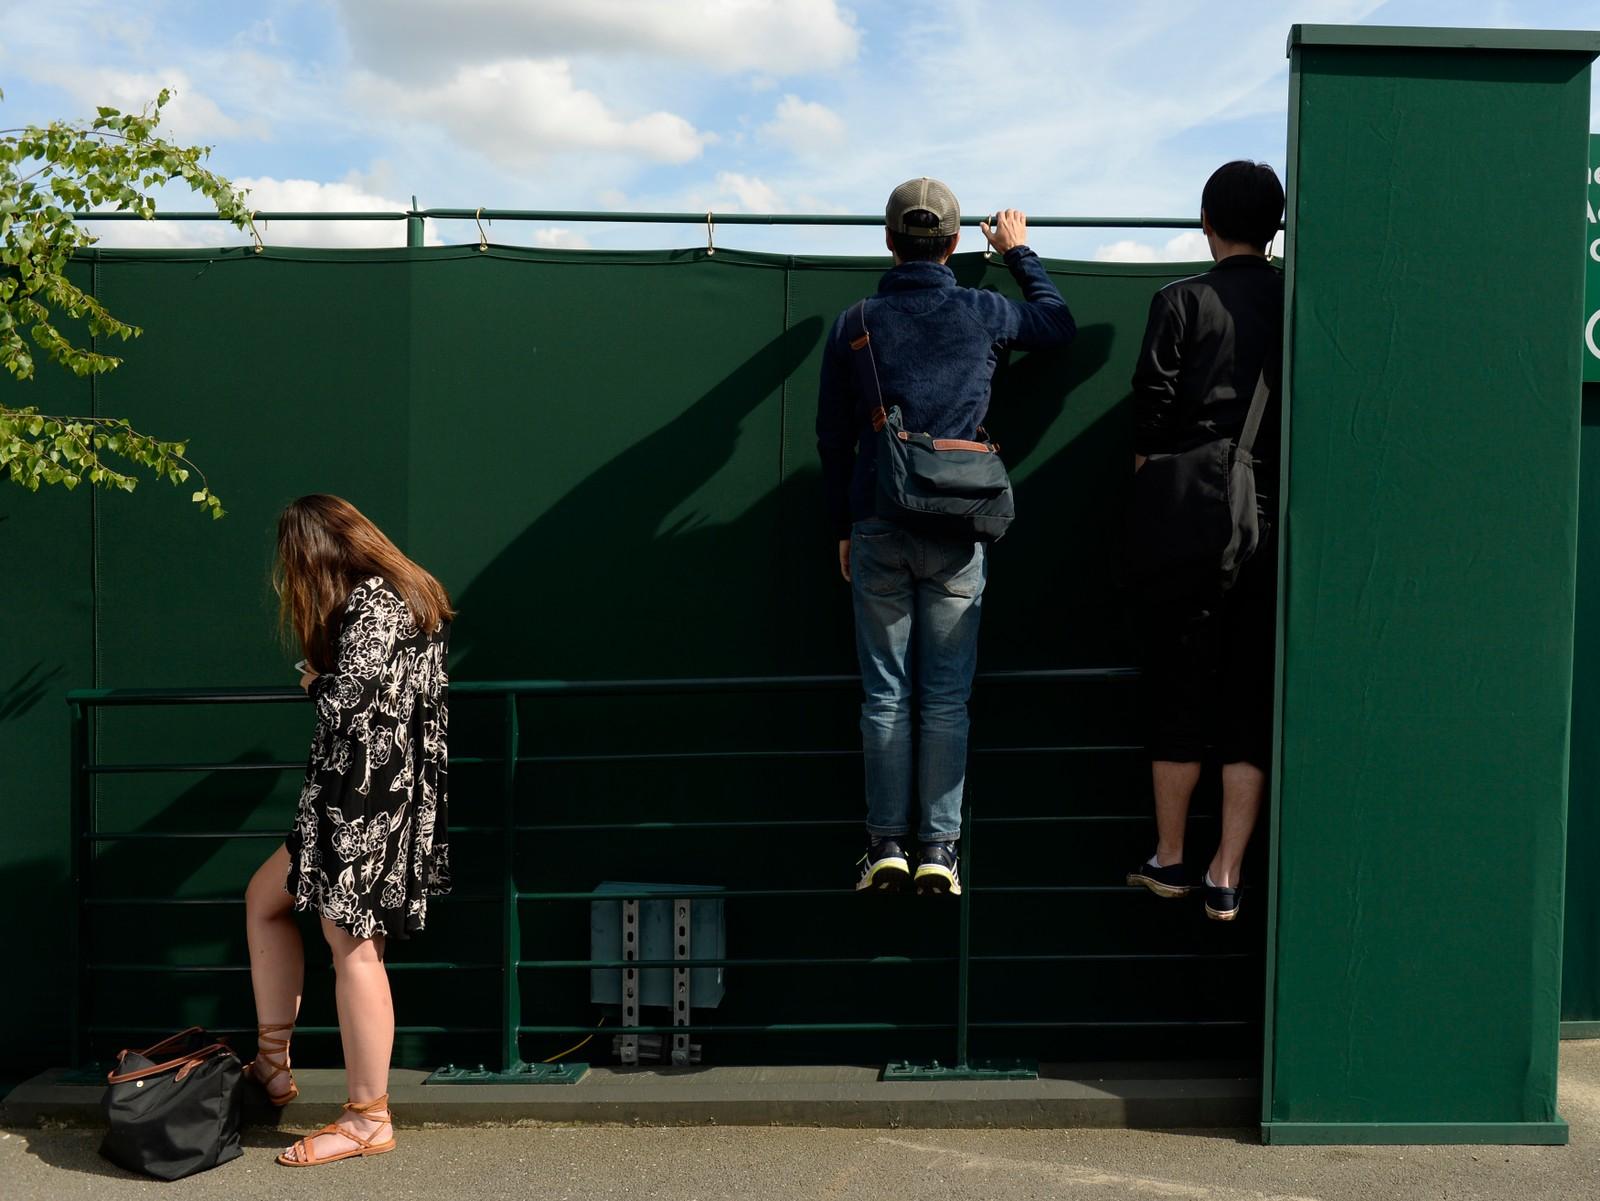 Billettene til Wimbledon-turneringen i London er langt fra gratis - men det går an å få sett kampene med litt hjelp likevel.